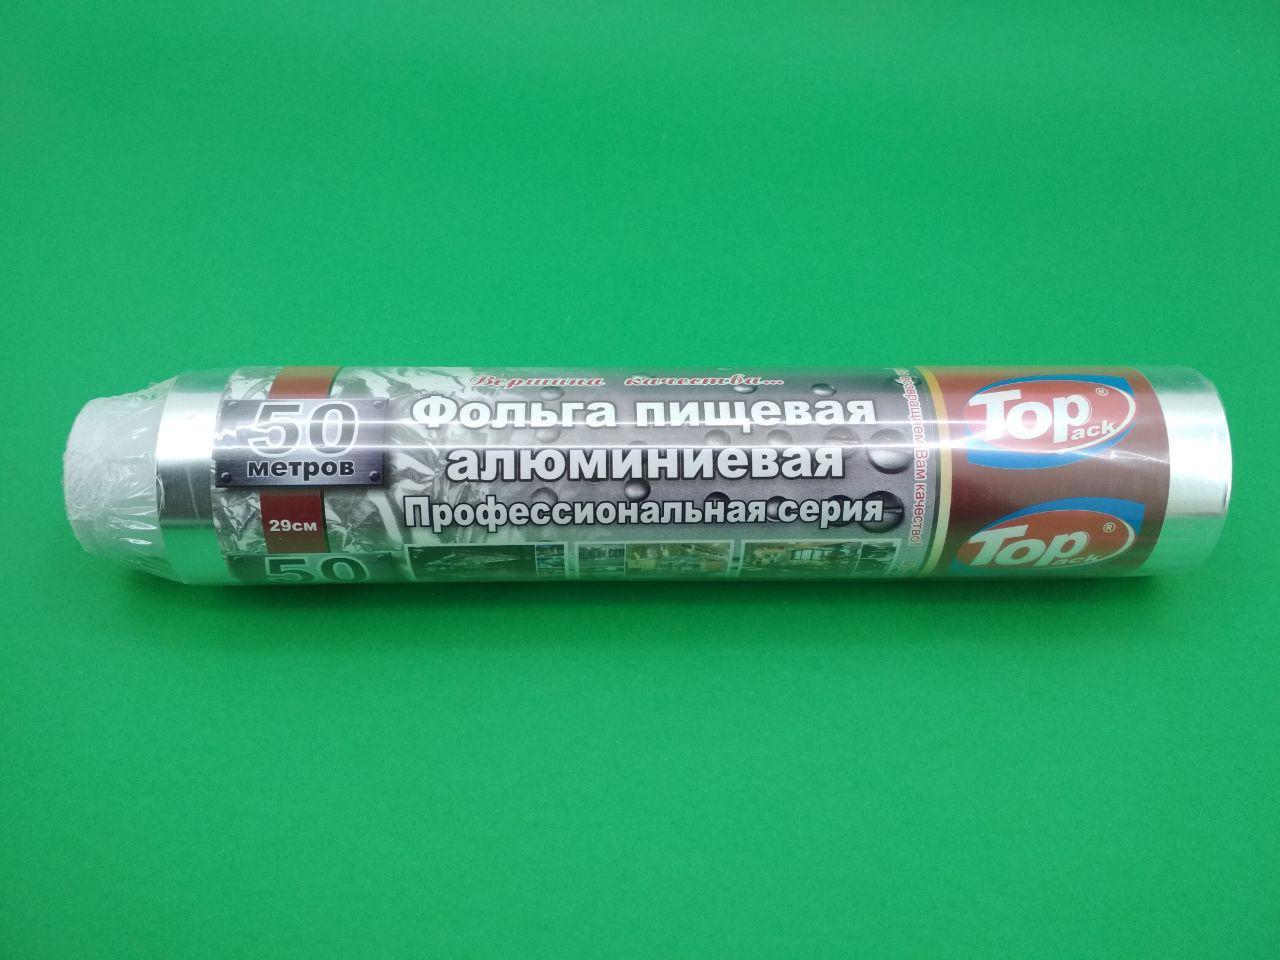 Фольга алюминиевая плотная 50м 29см (30мкр) ТОР